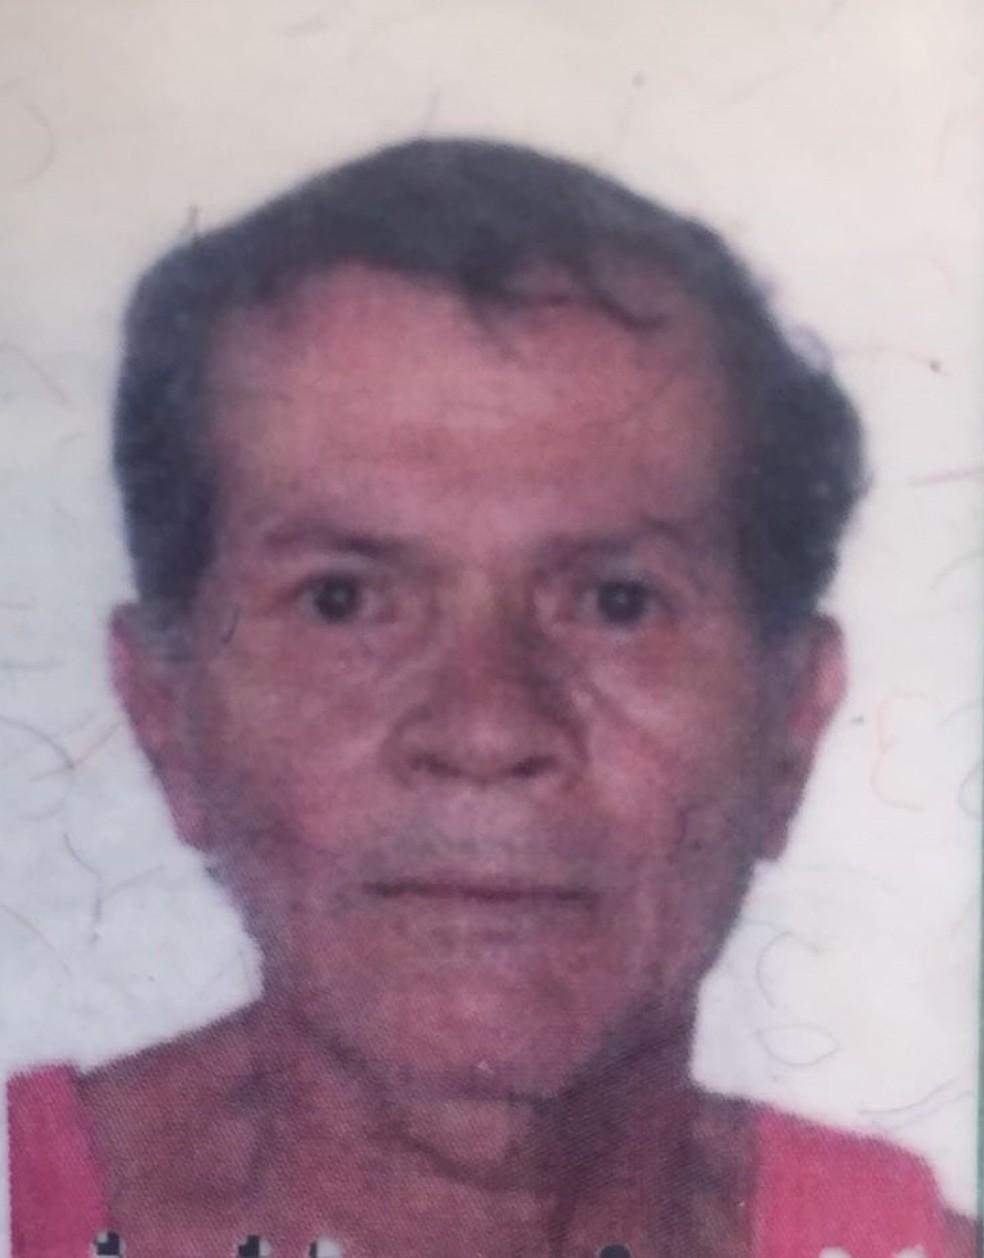 Daniel da Silva desapareceu após sair para pescar em lancha (Foto: Arquivo Pessoal)